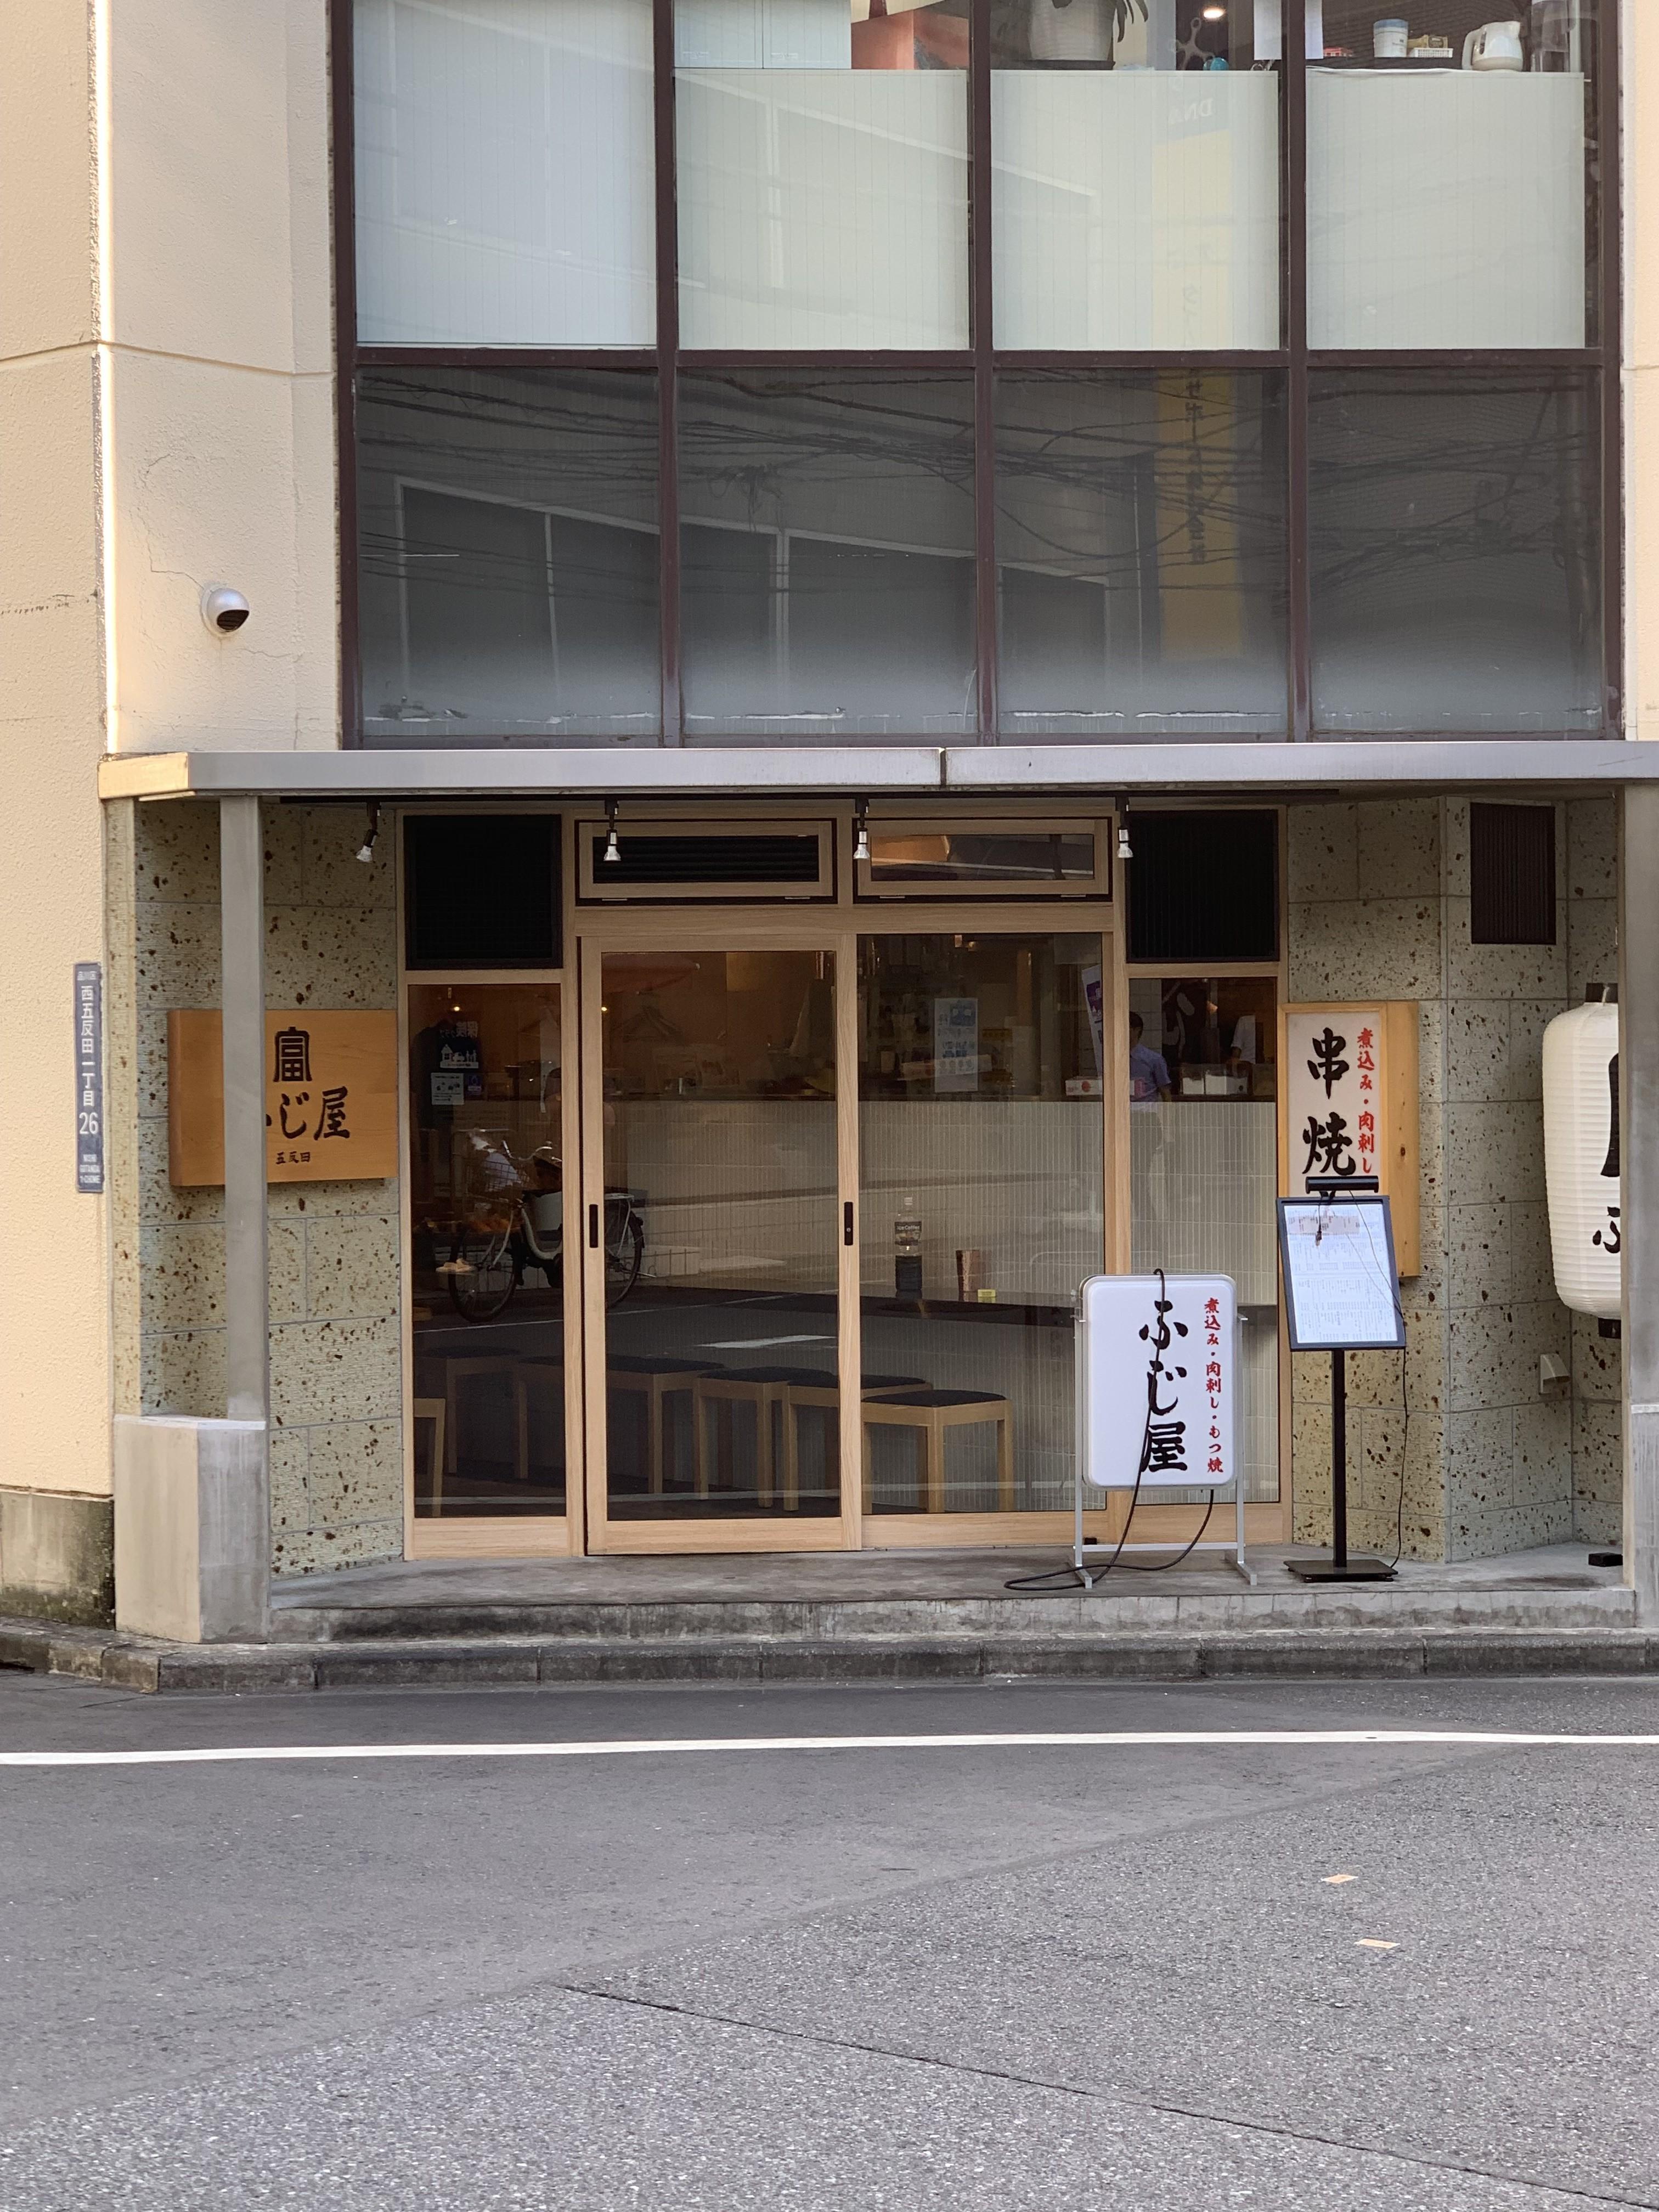 【五反田】ふじ屋/西五反田、大崎広小路駅寄り。評判のもつ焼きも美味だが、レバトロ刺しはさらに衝撃的。